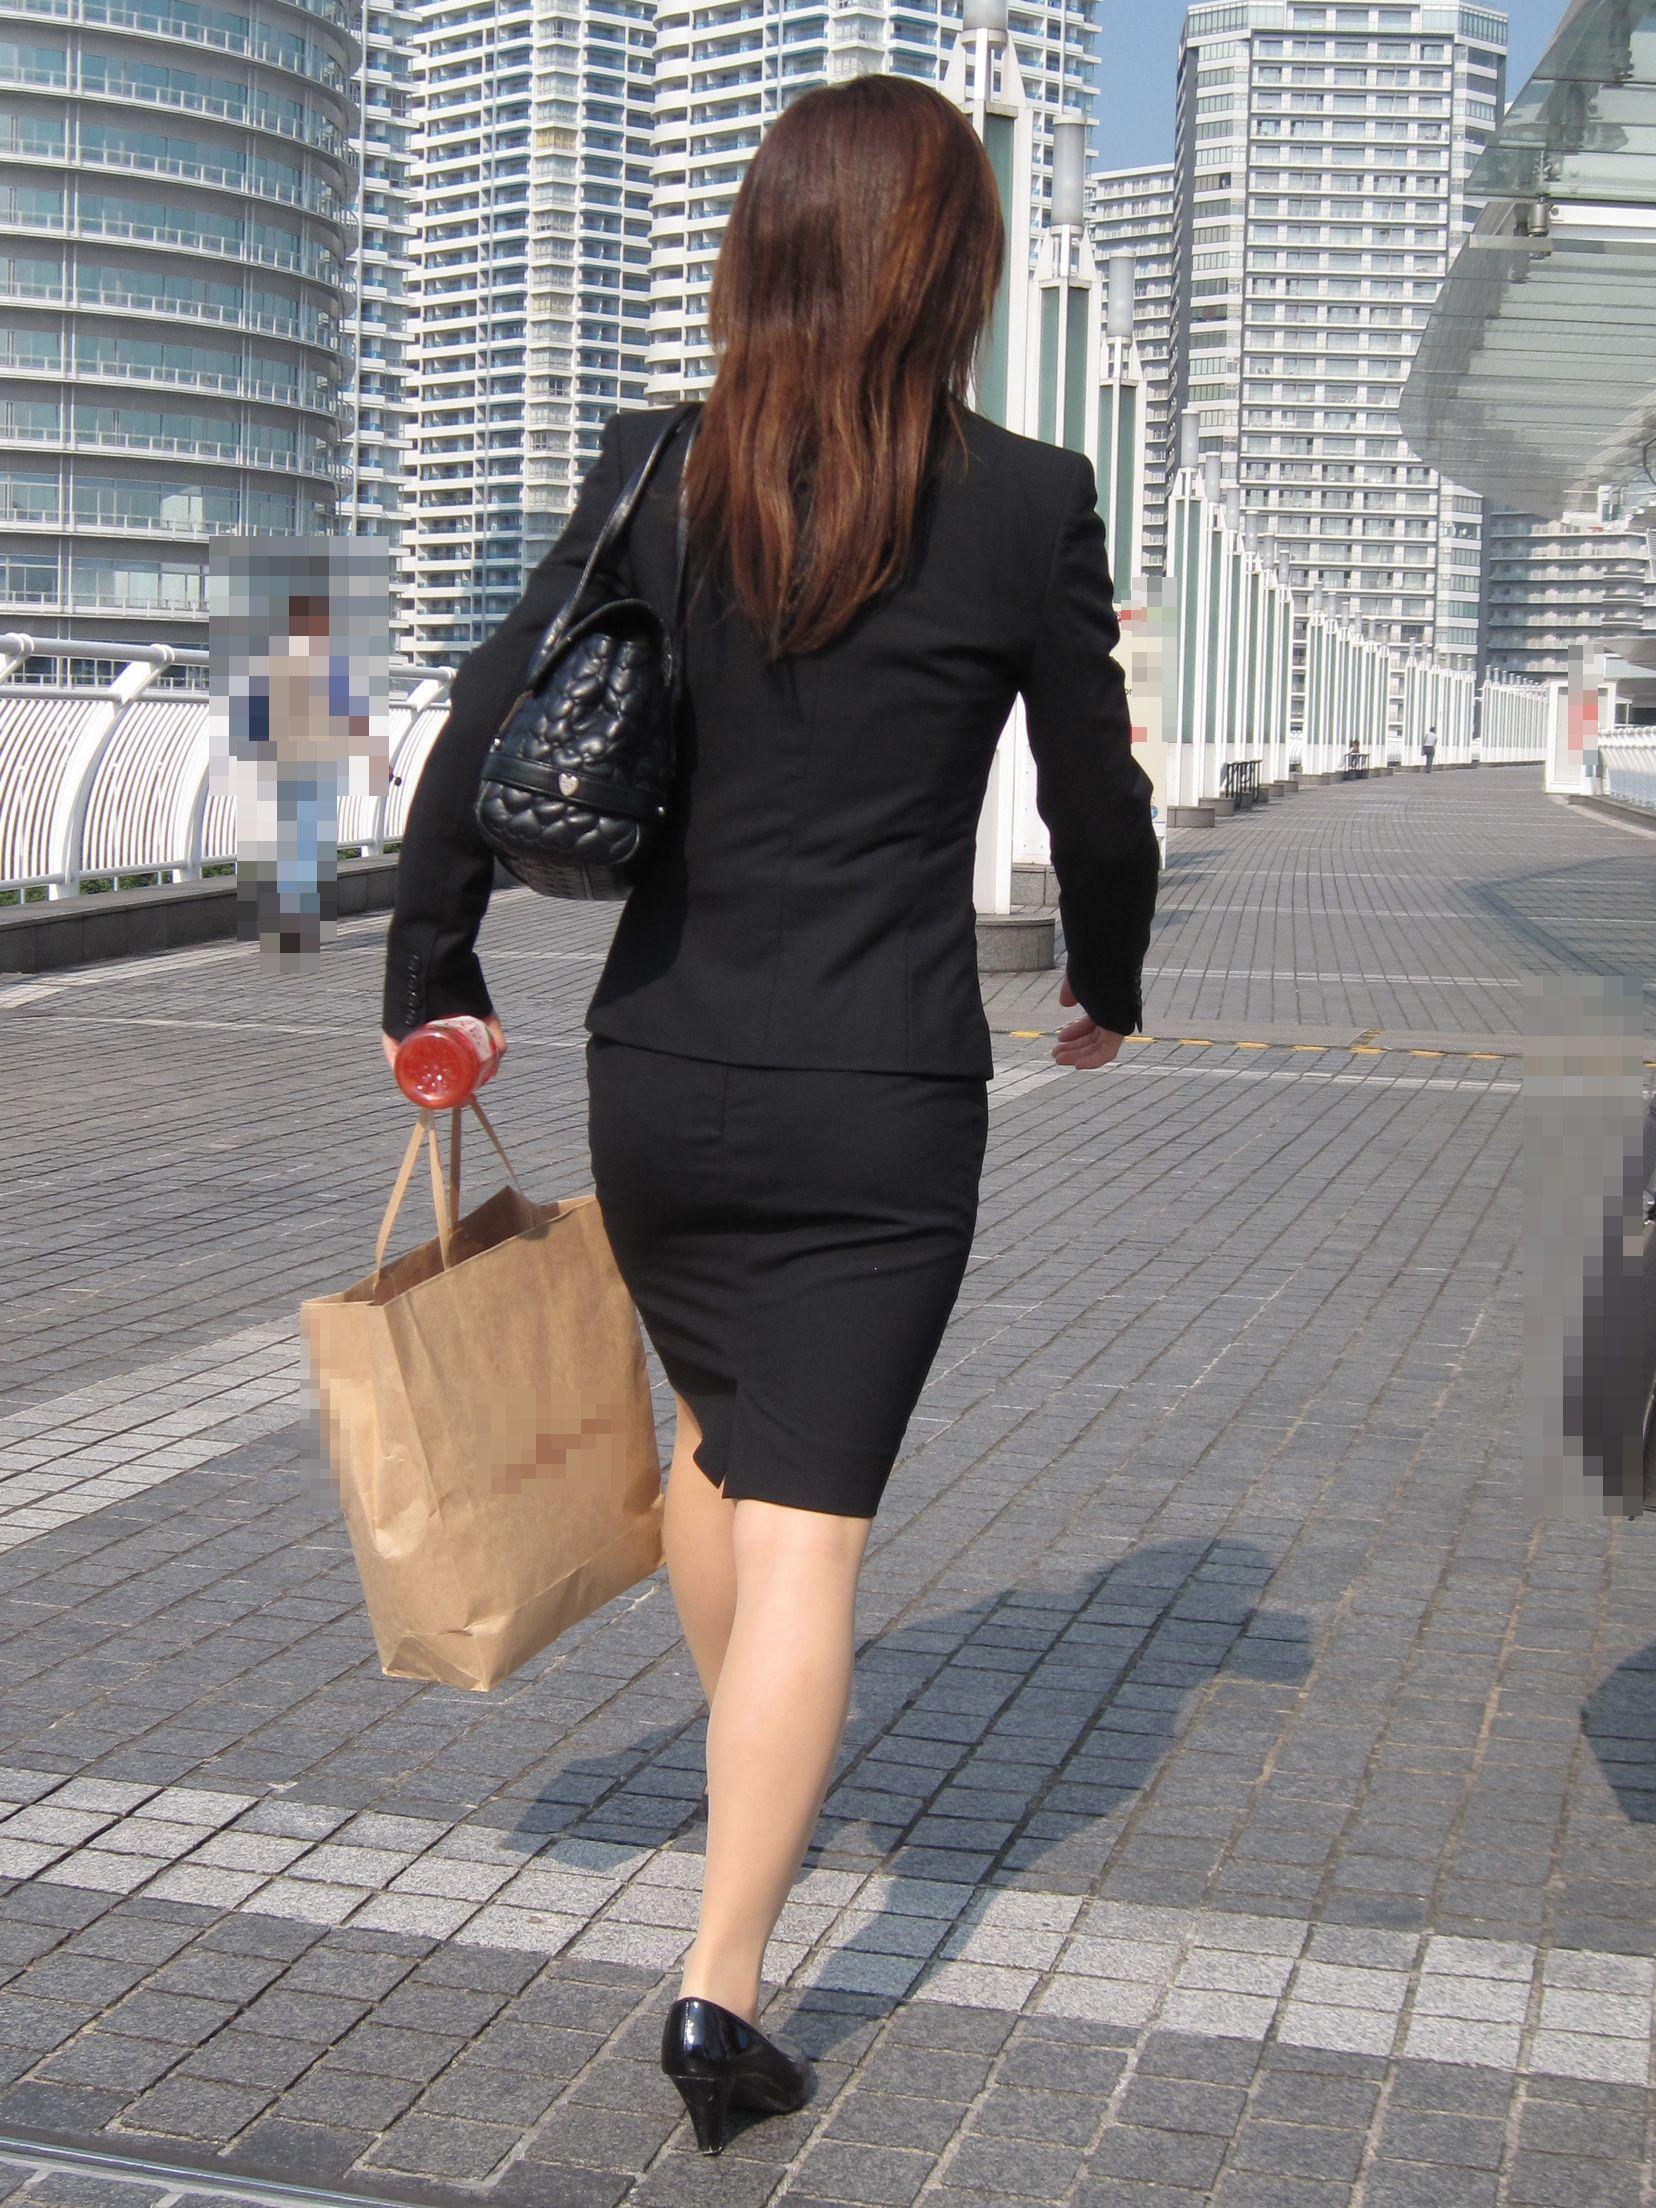 【街撮りOL画像】思わず追跡したwwwタイトスカートに包まれたムチムチ尻 13